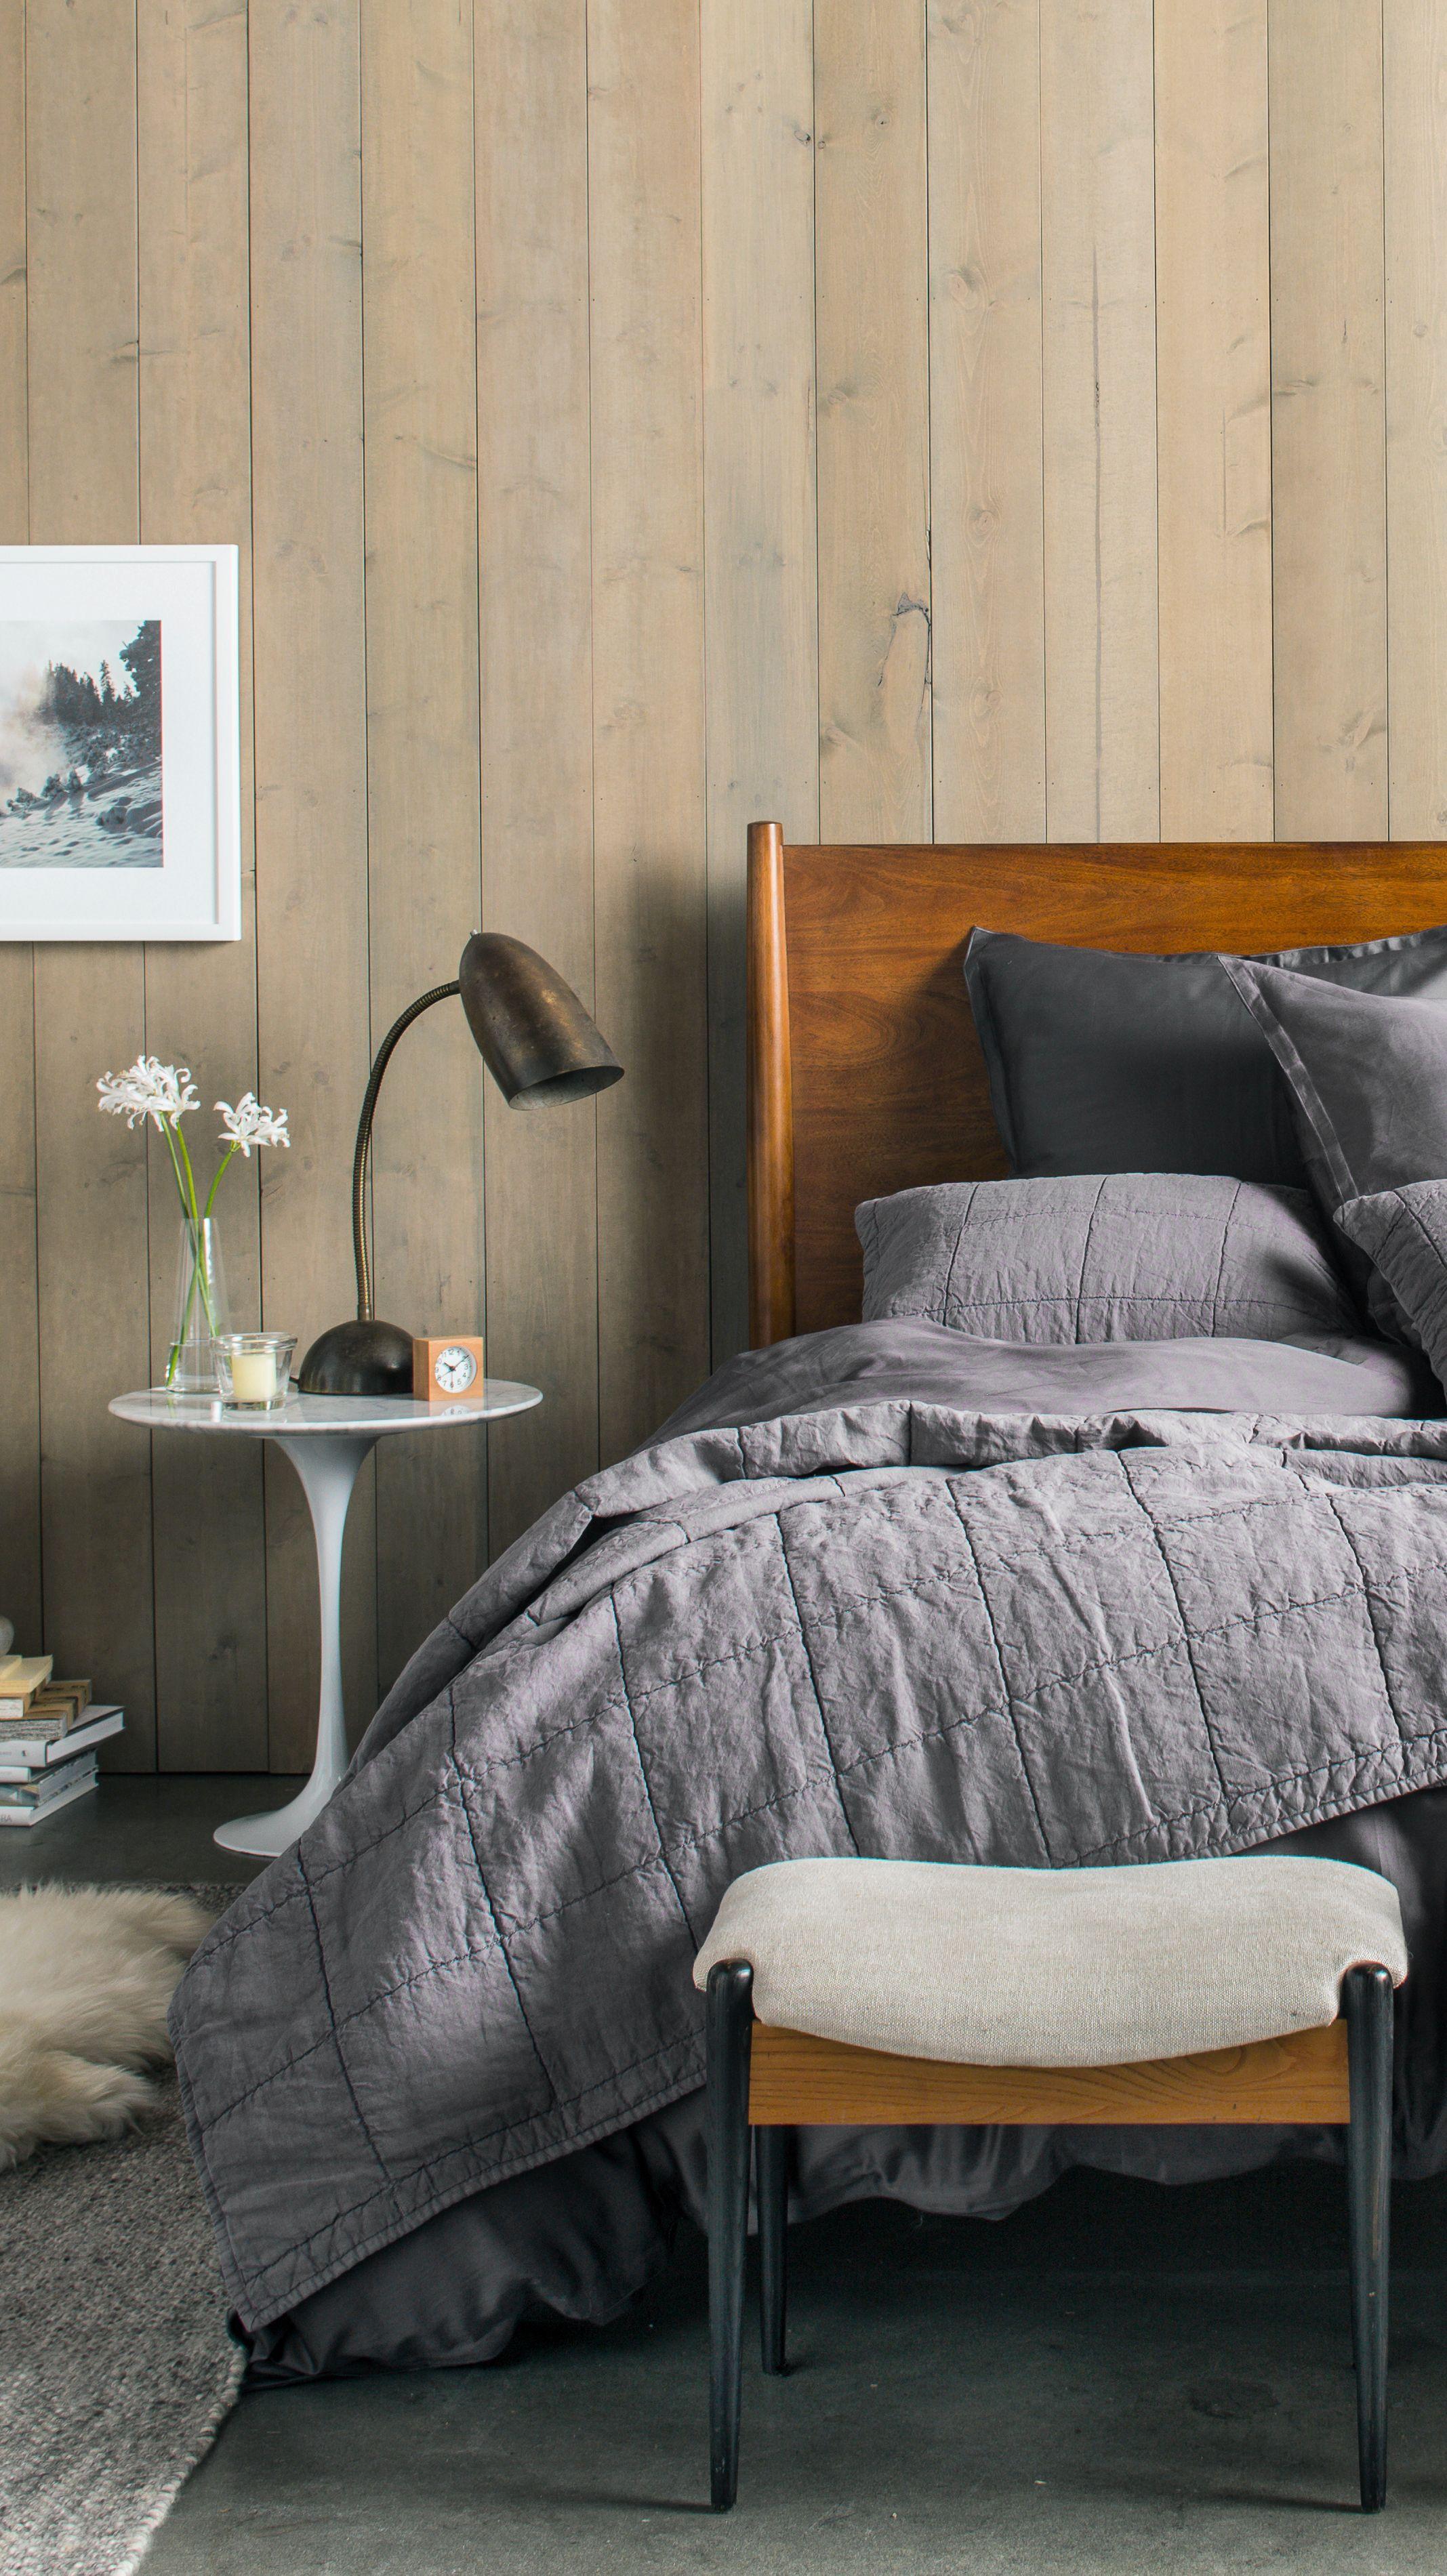 Neues schlafzimmer interieur quilt  linas neue wohnung  pinterest  neue wohnung haus und neue